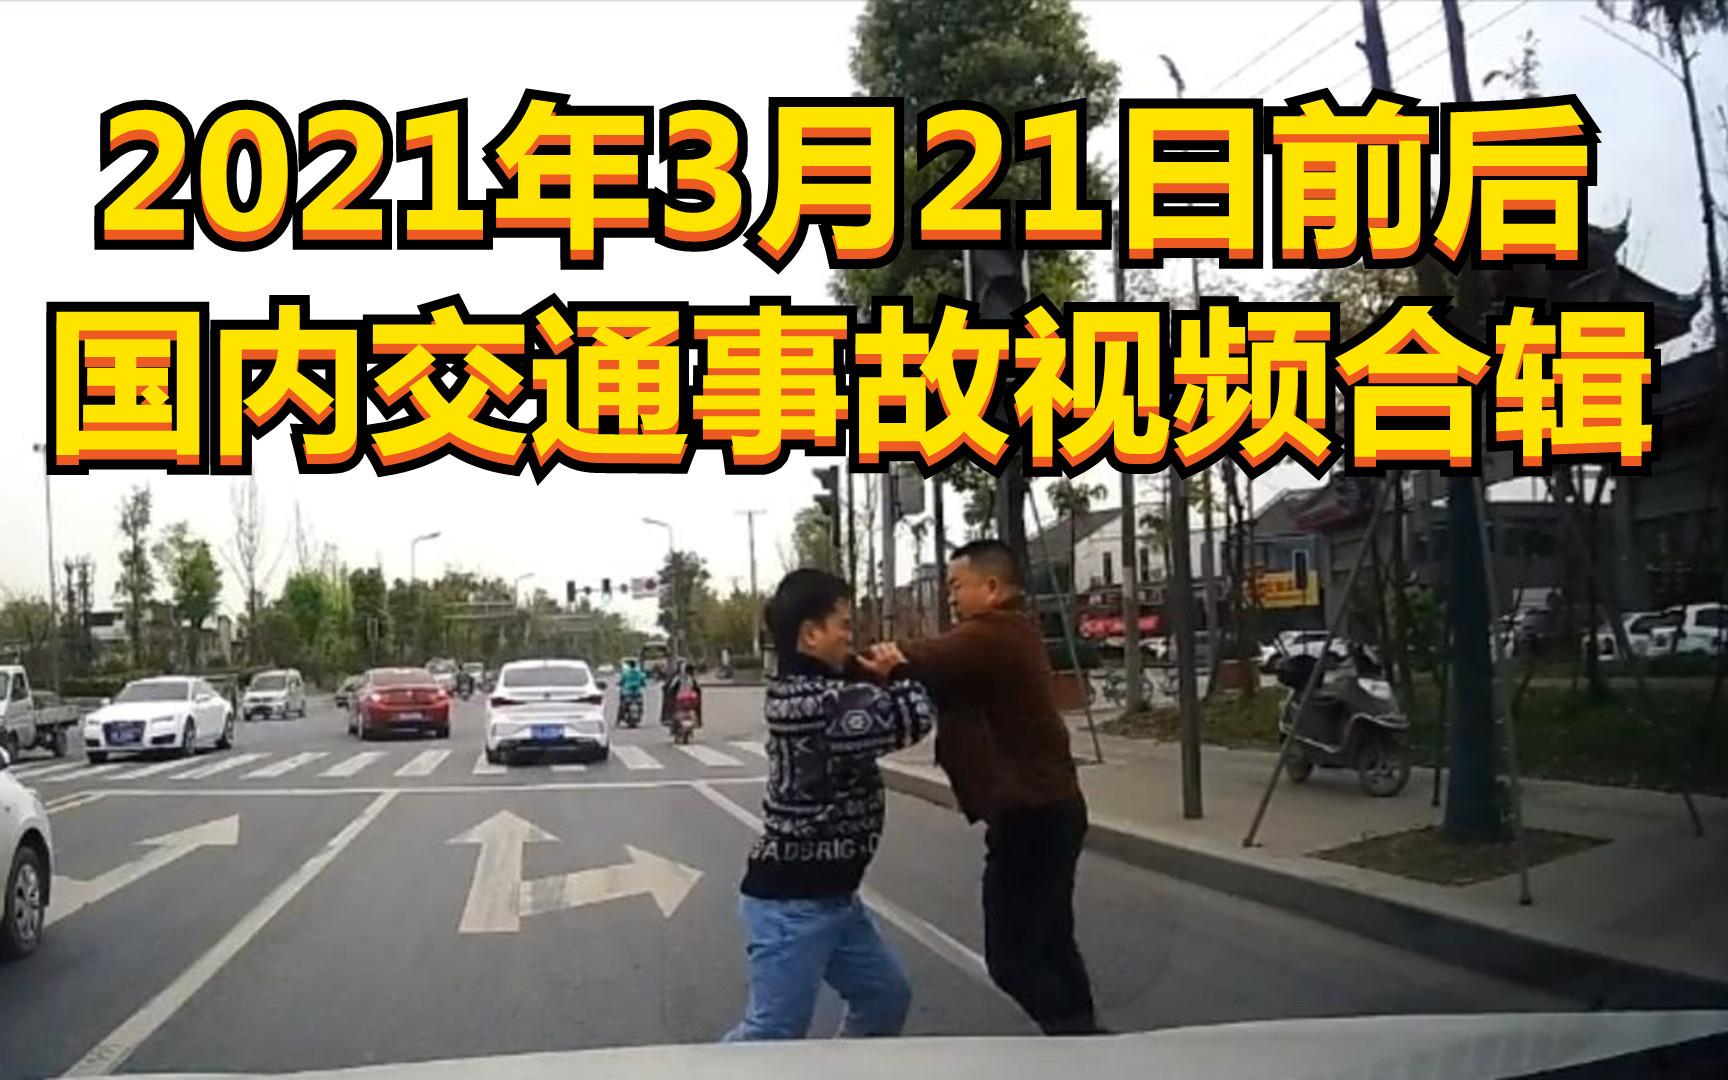 2021年3月21日前后国内交通事故视频合辑